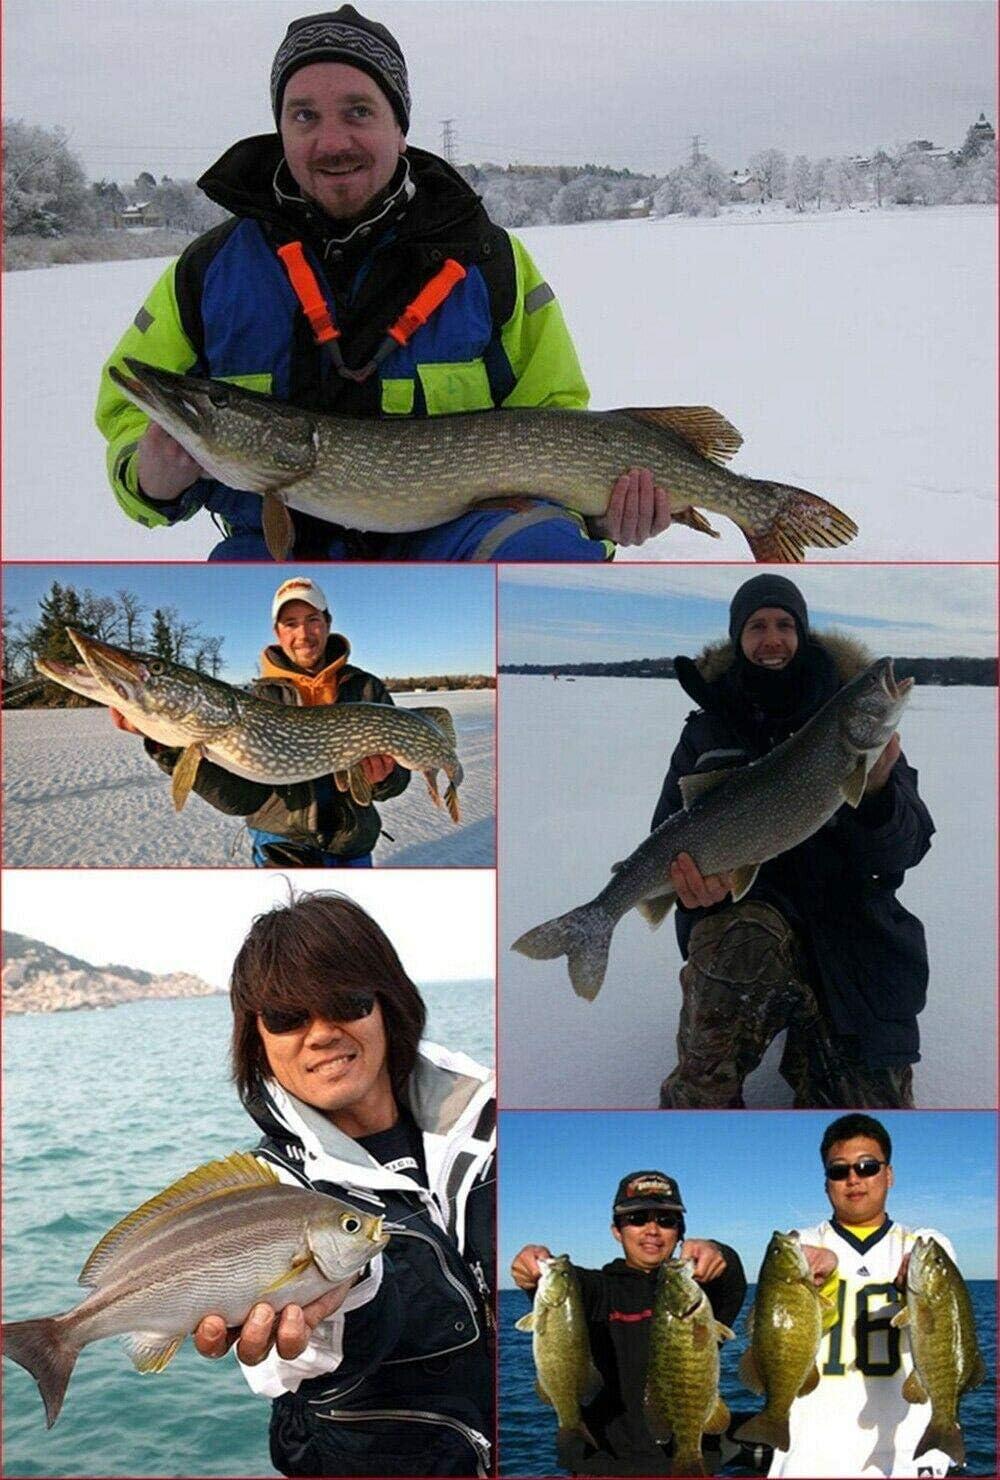 Petilleur 43 Fishing Lure Set Mixed Minnow Popper Bait Wobbler Crankbait Tackle Bass